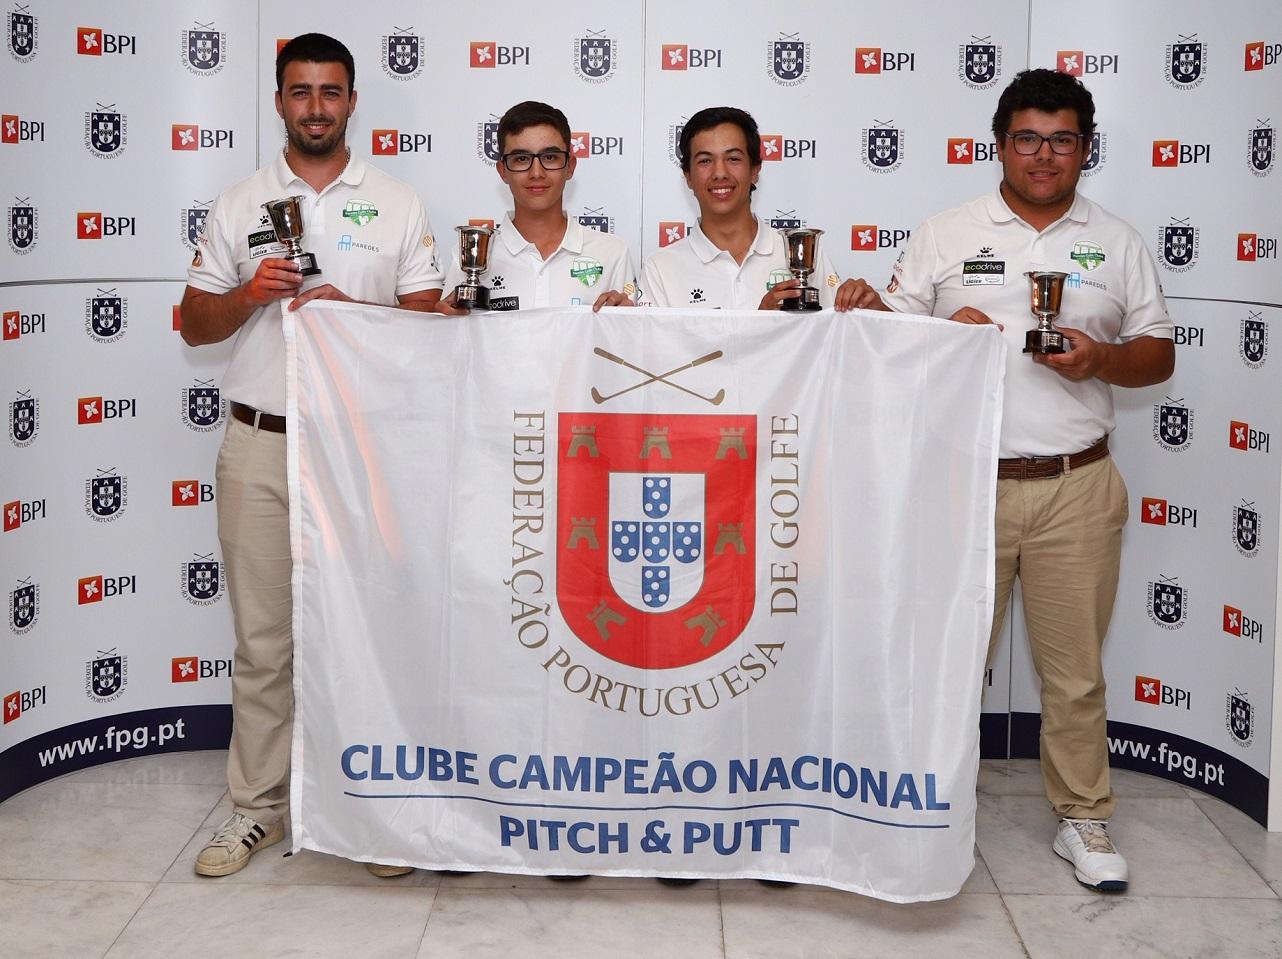 Campeonato Nacional de Clubes Pitch & Putt – Paredes GC conquista o seu primeiro título